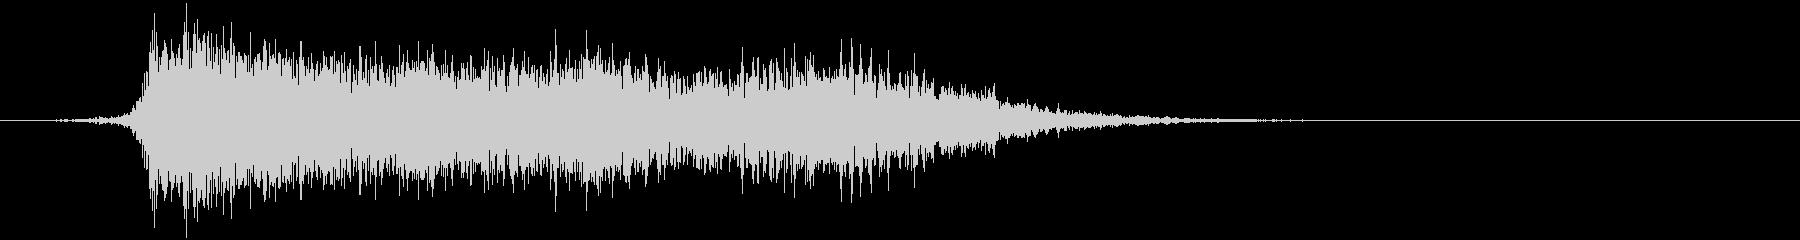 コミカルなダッシュ ジャンプ効果音10bの未再生の波形